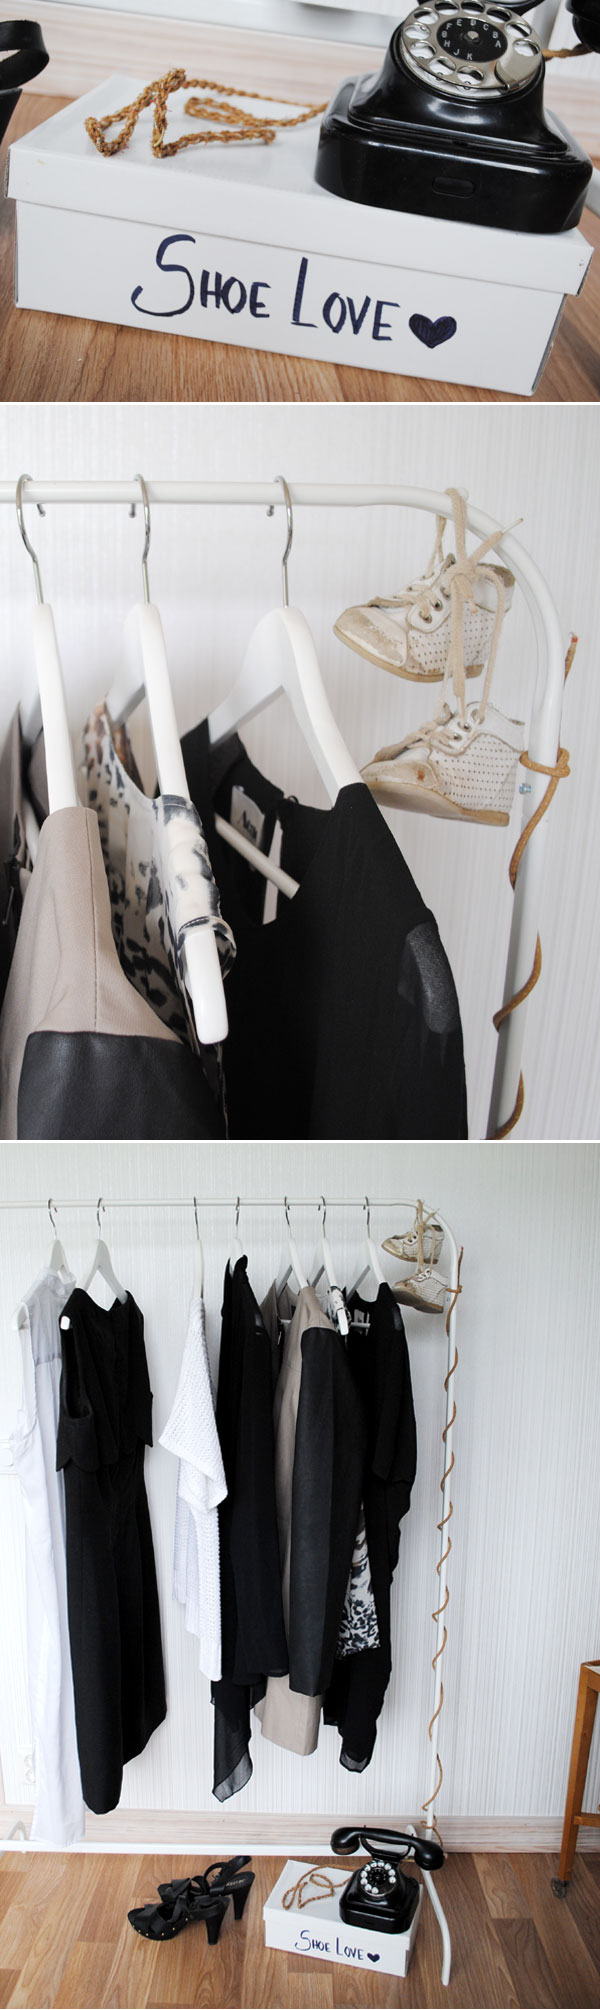 ikea, mulig, klädställning, a grap design, trender, arkiv Hemtrender